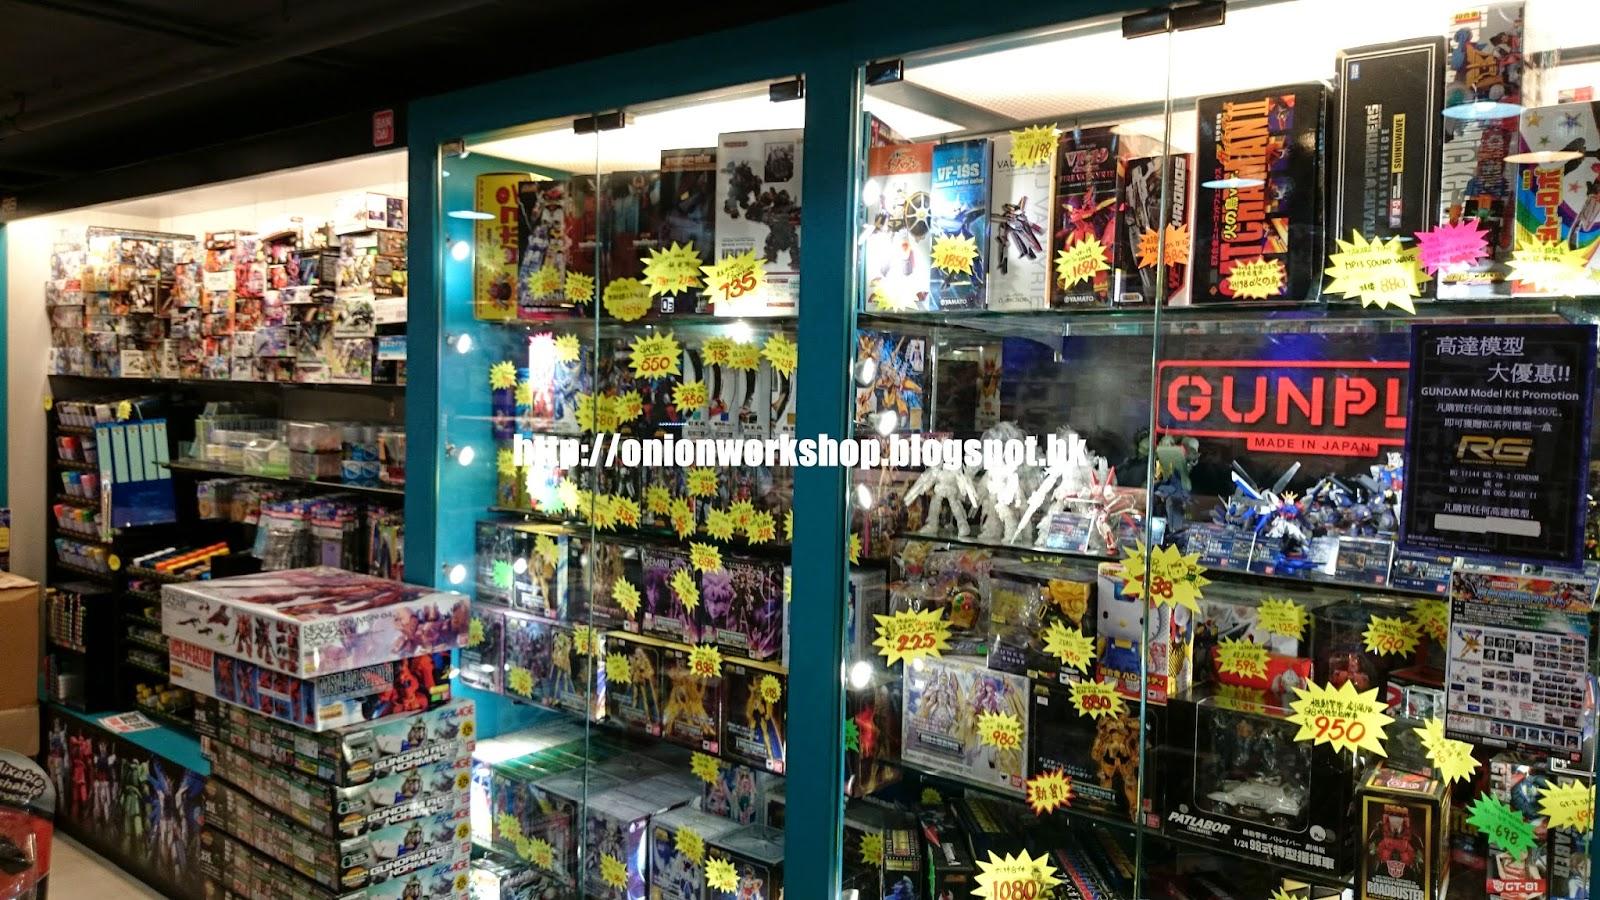 洋蔥頭的玩具店遊記: No. 046 新界區 荃灣 奇趣天地